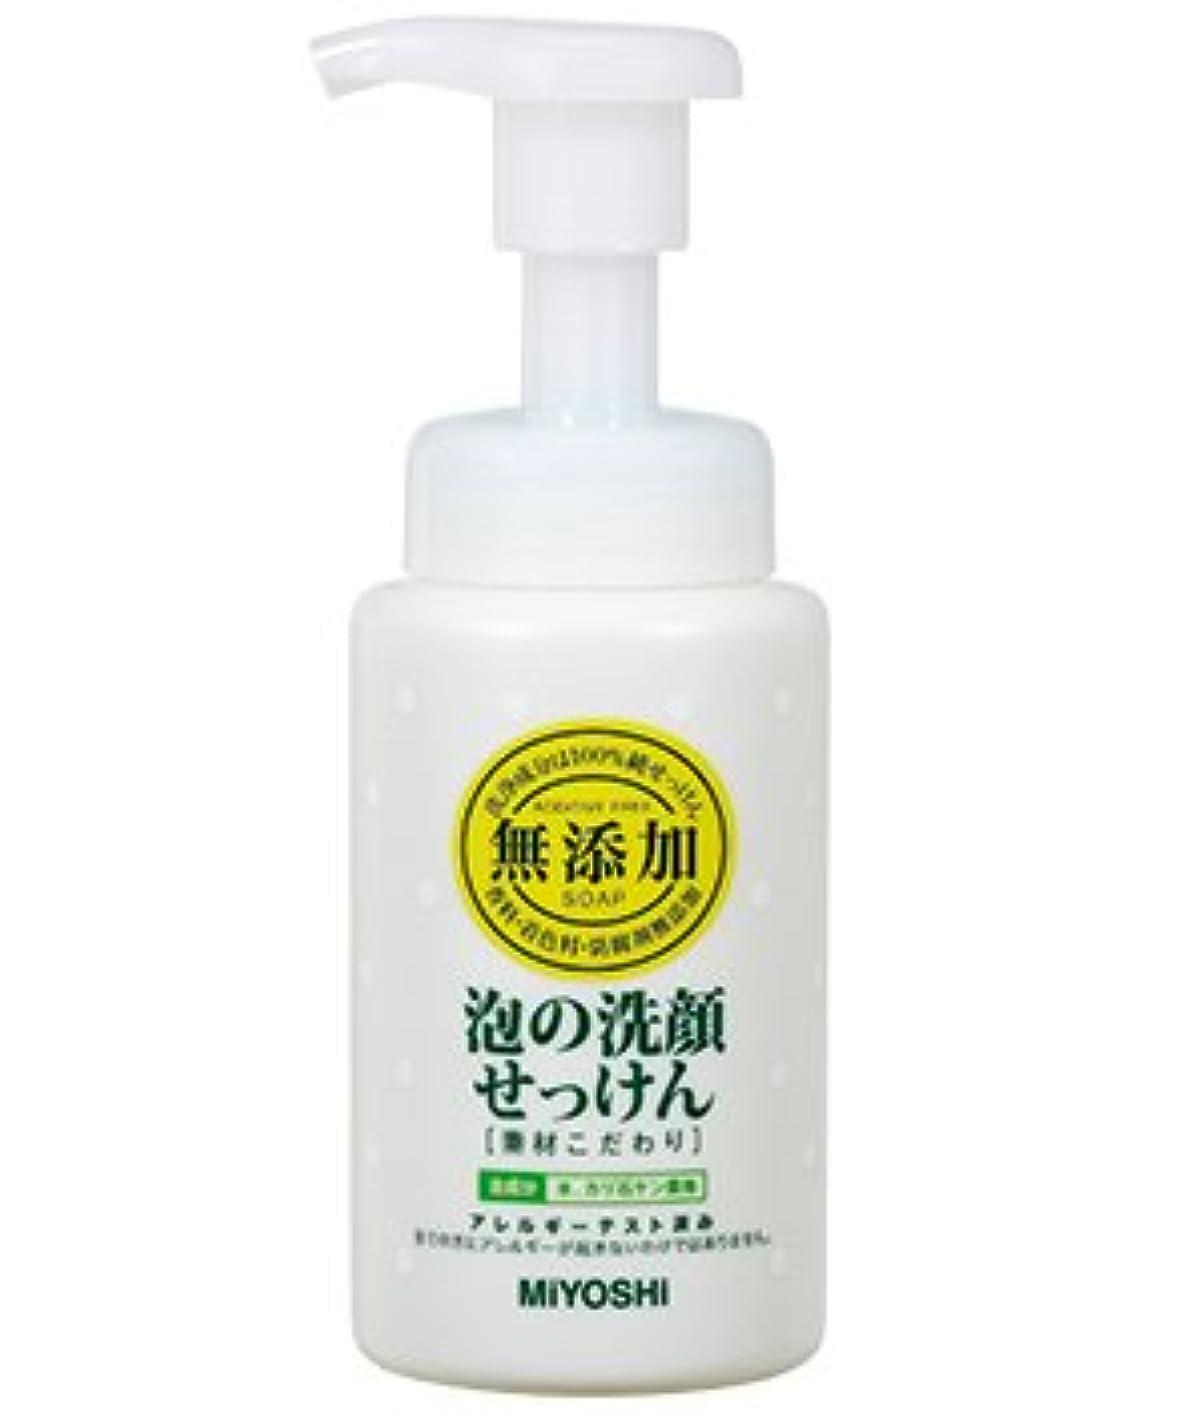 送金第五奪うミヨシ石鹸 無添加 泡の洗顔せっけん 200ml 合成界面活性剤はもちろん、香料、着色料、防腐剤などは一切加えていません×24点セット (4537130102022)